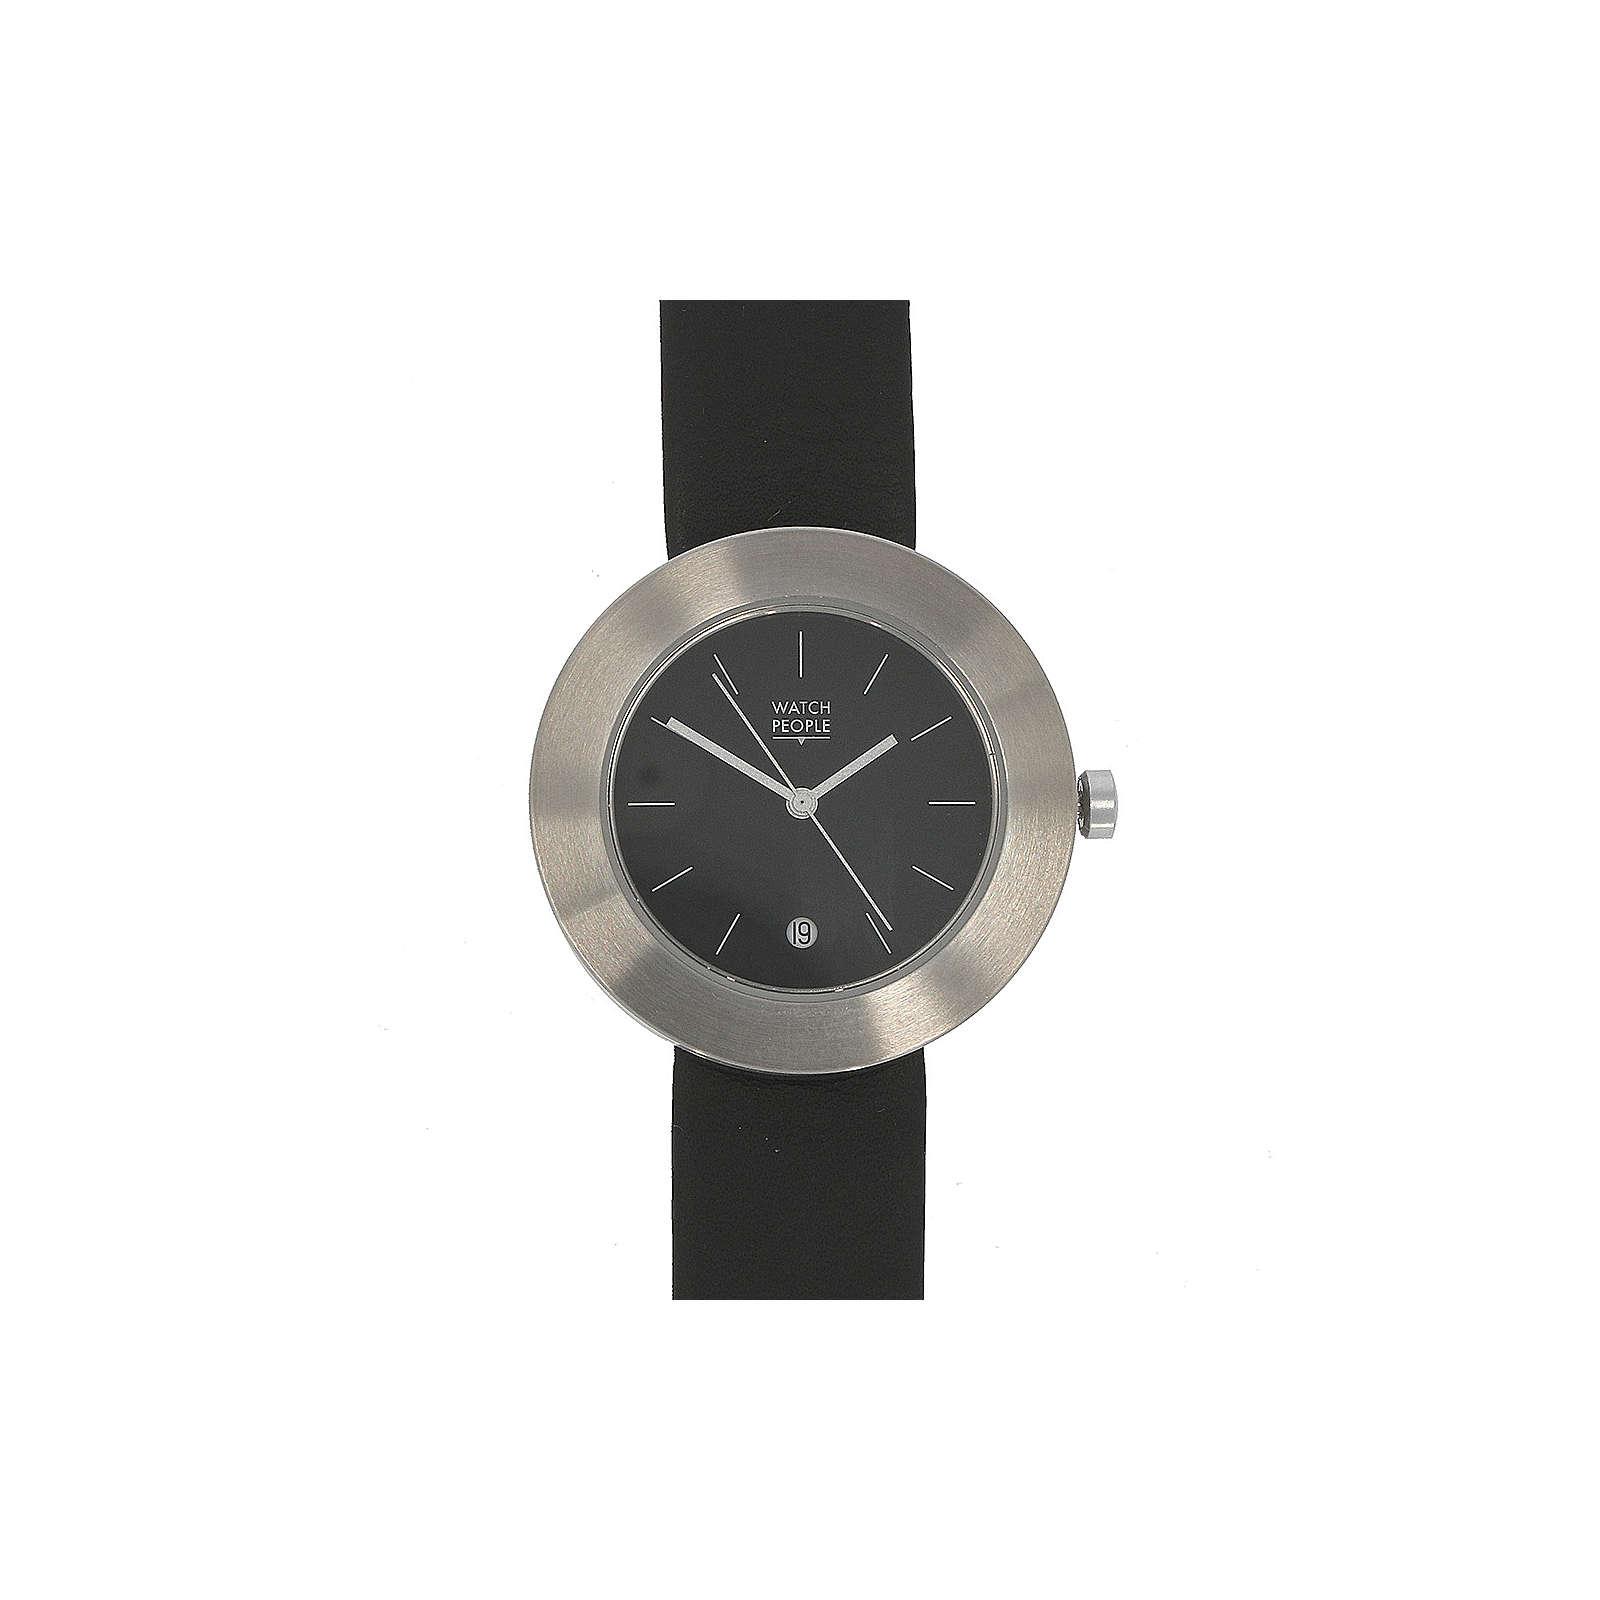 WATCH PEOPLE WatchPeople Damenuhr Toto silber/schwarz Analoguhren schwarz Damen